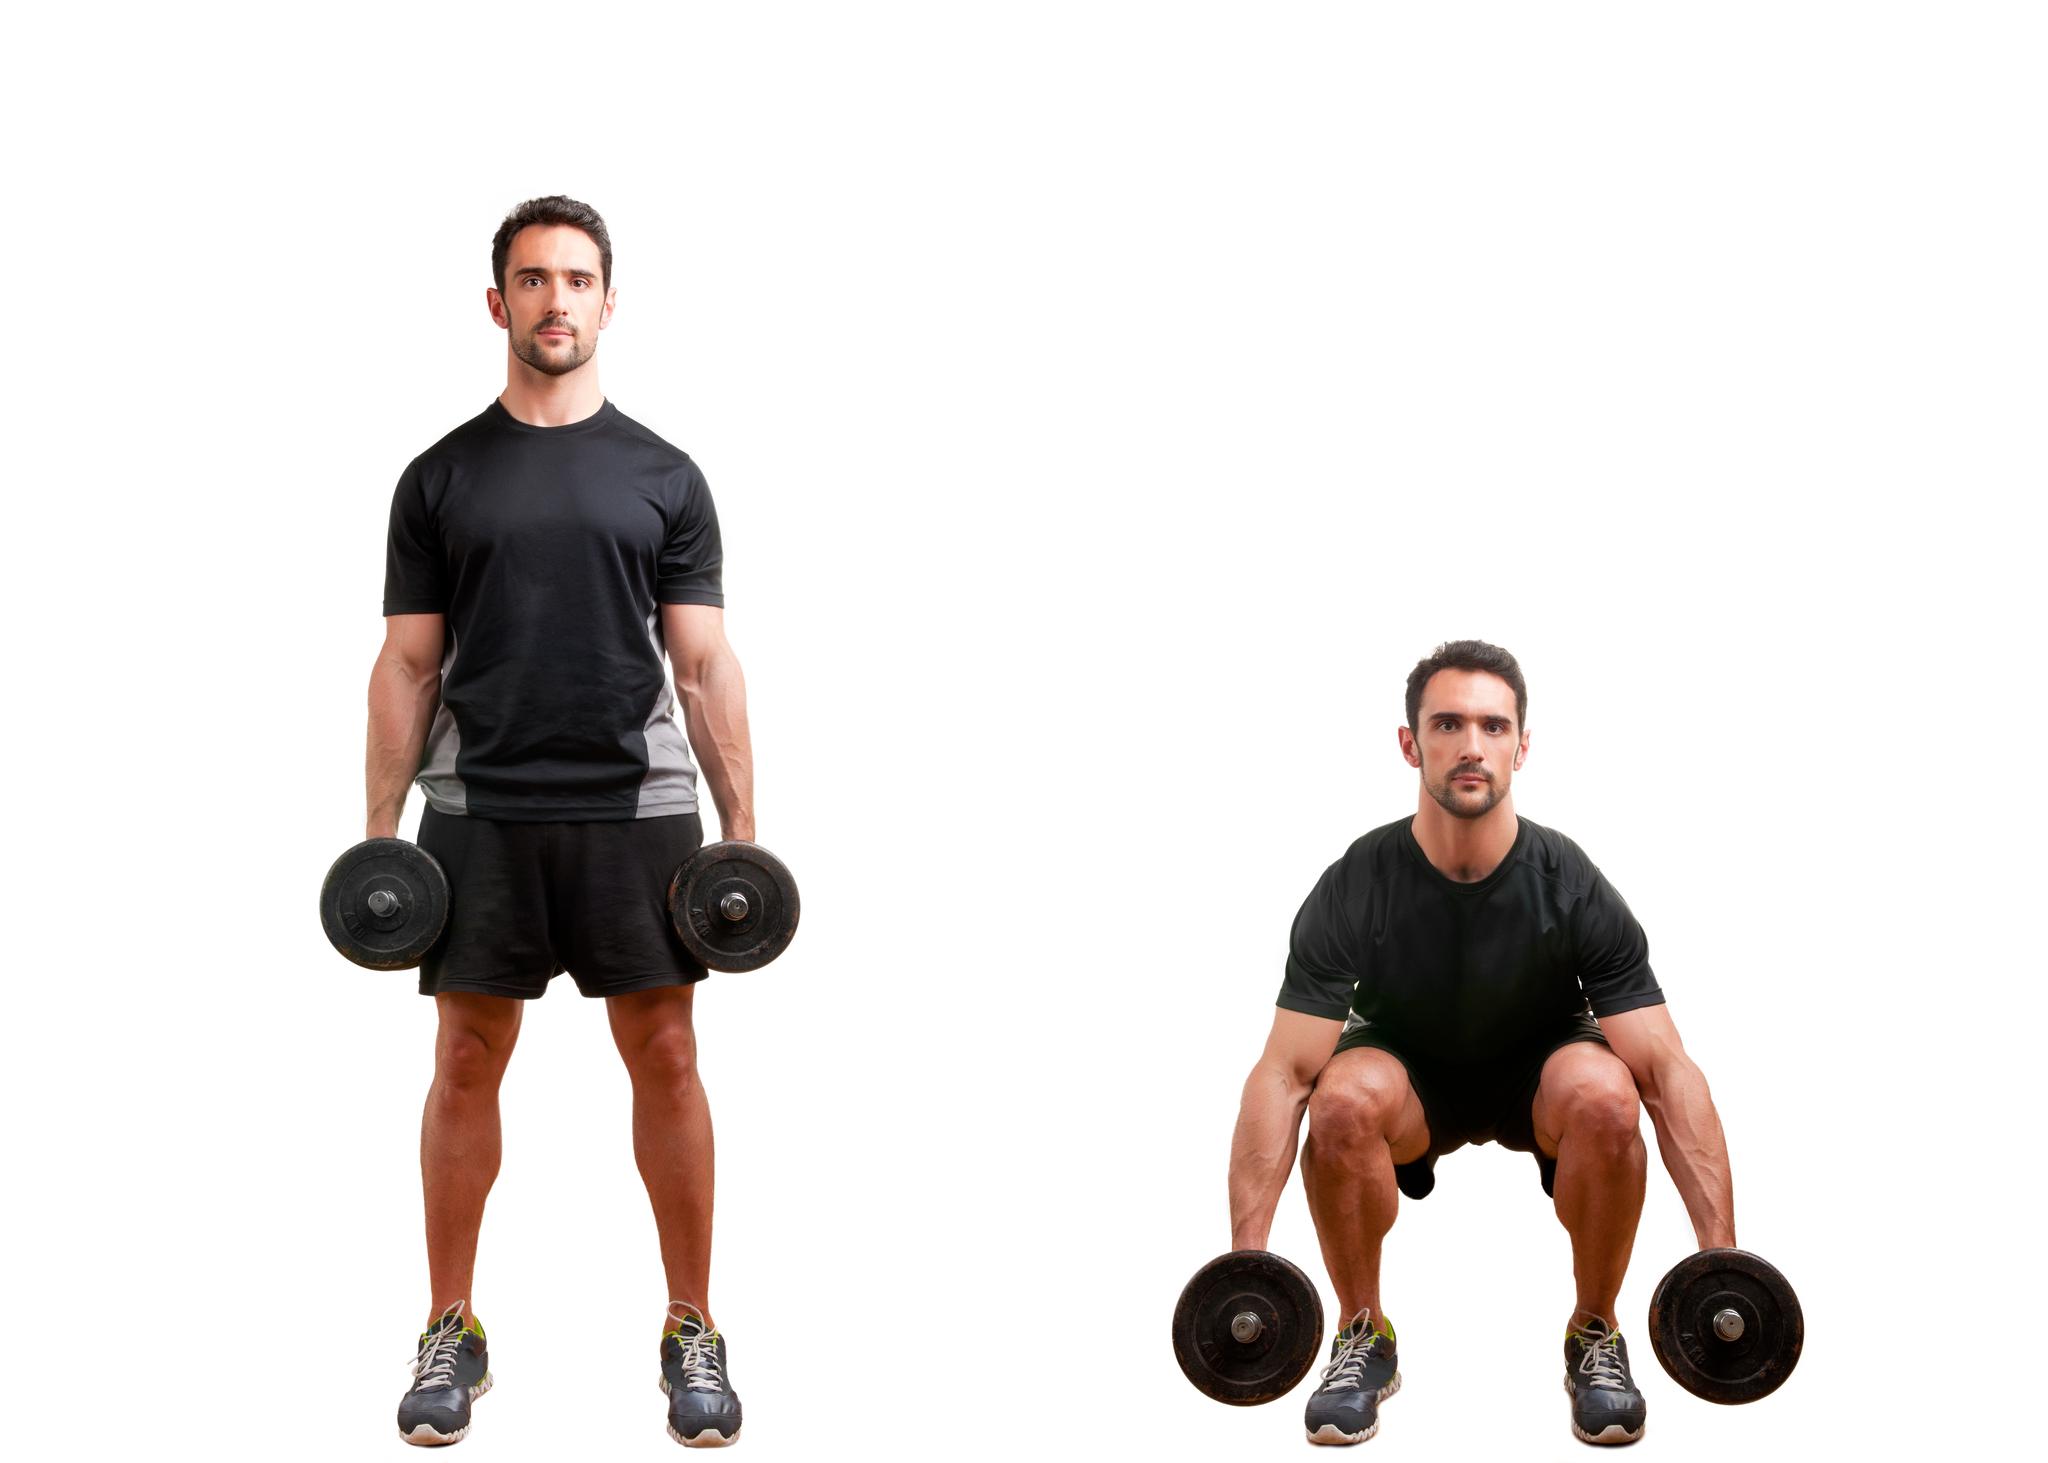 【ダンベルスクワット】脚を鍛える王道トレーニングを筋トレのプロが徹底解説【動画あり】